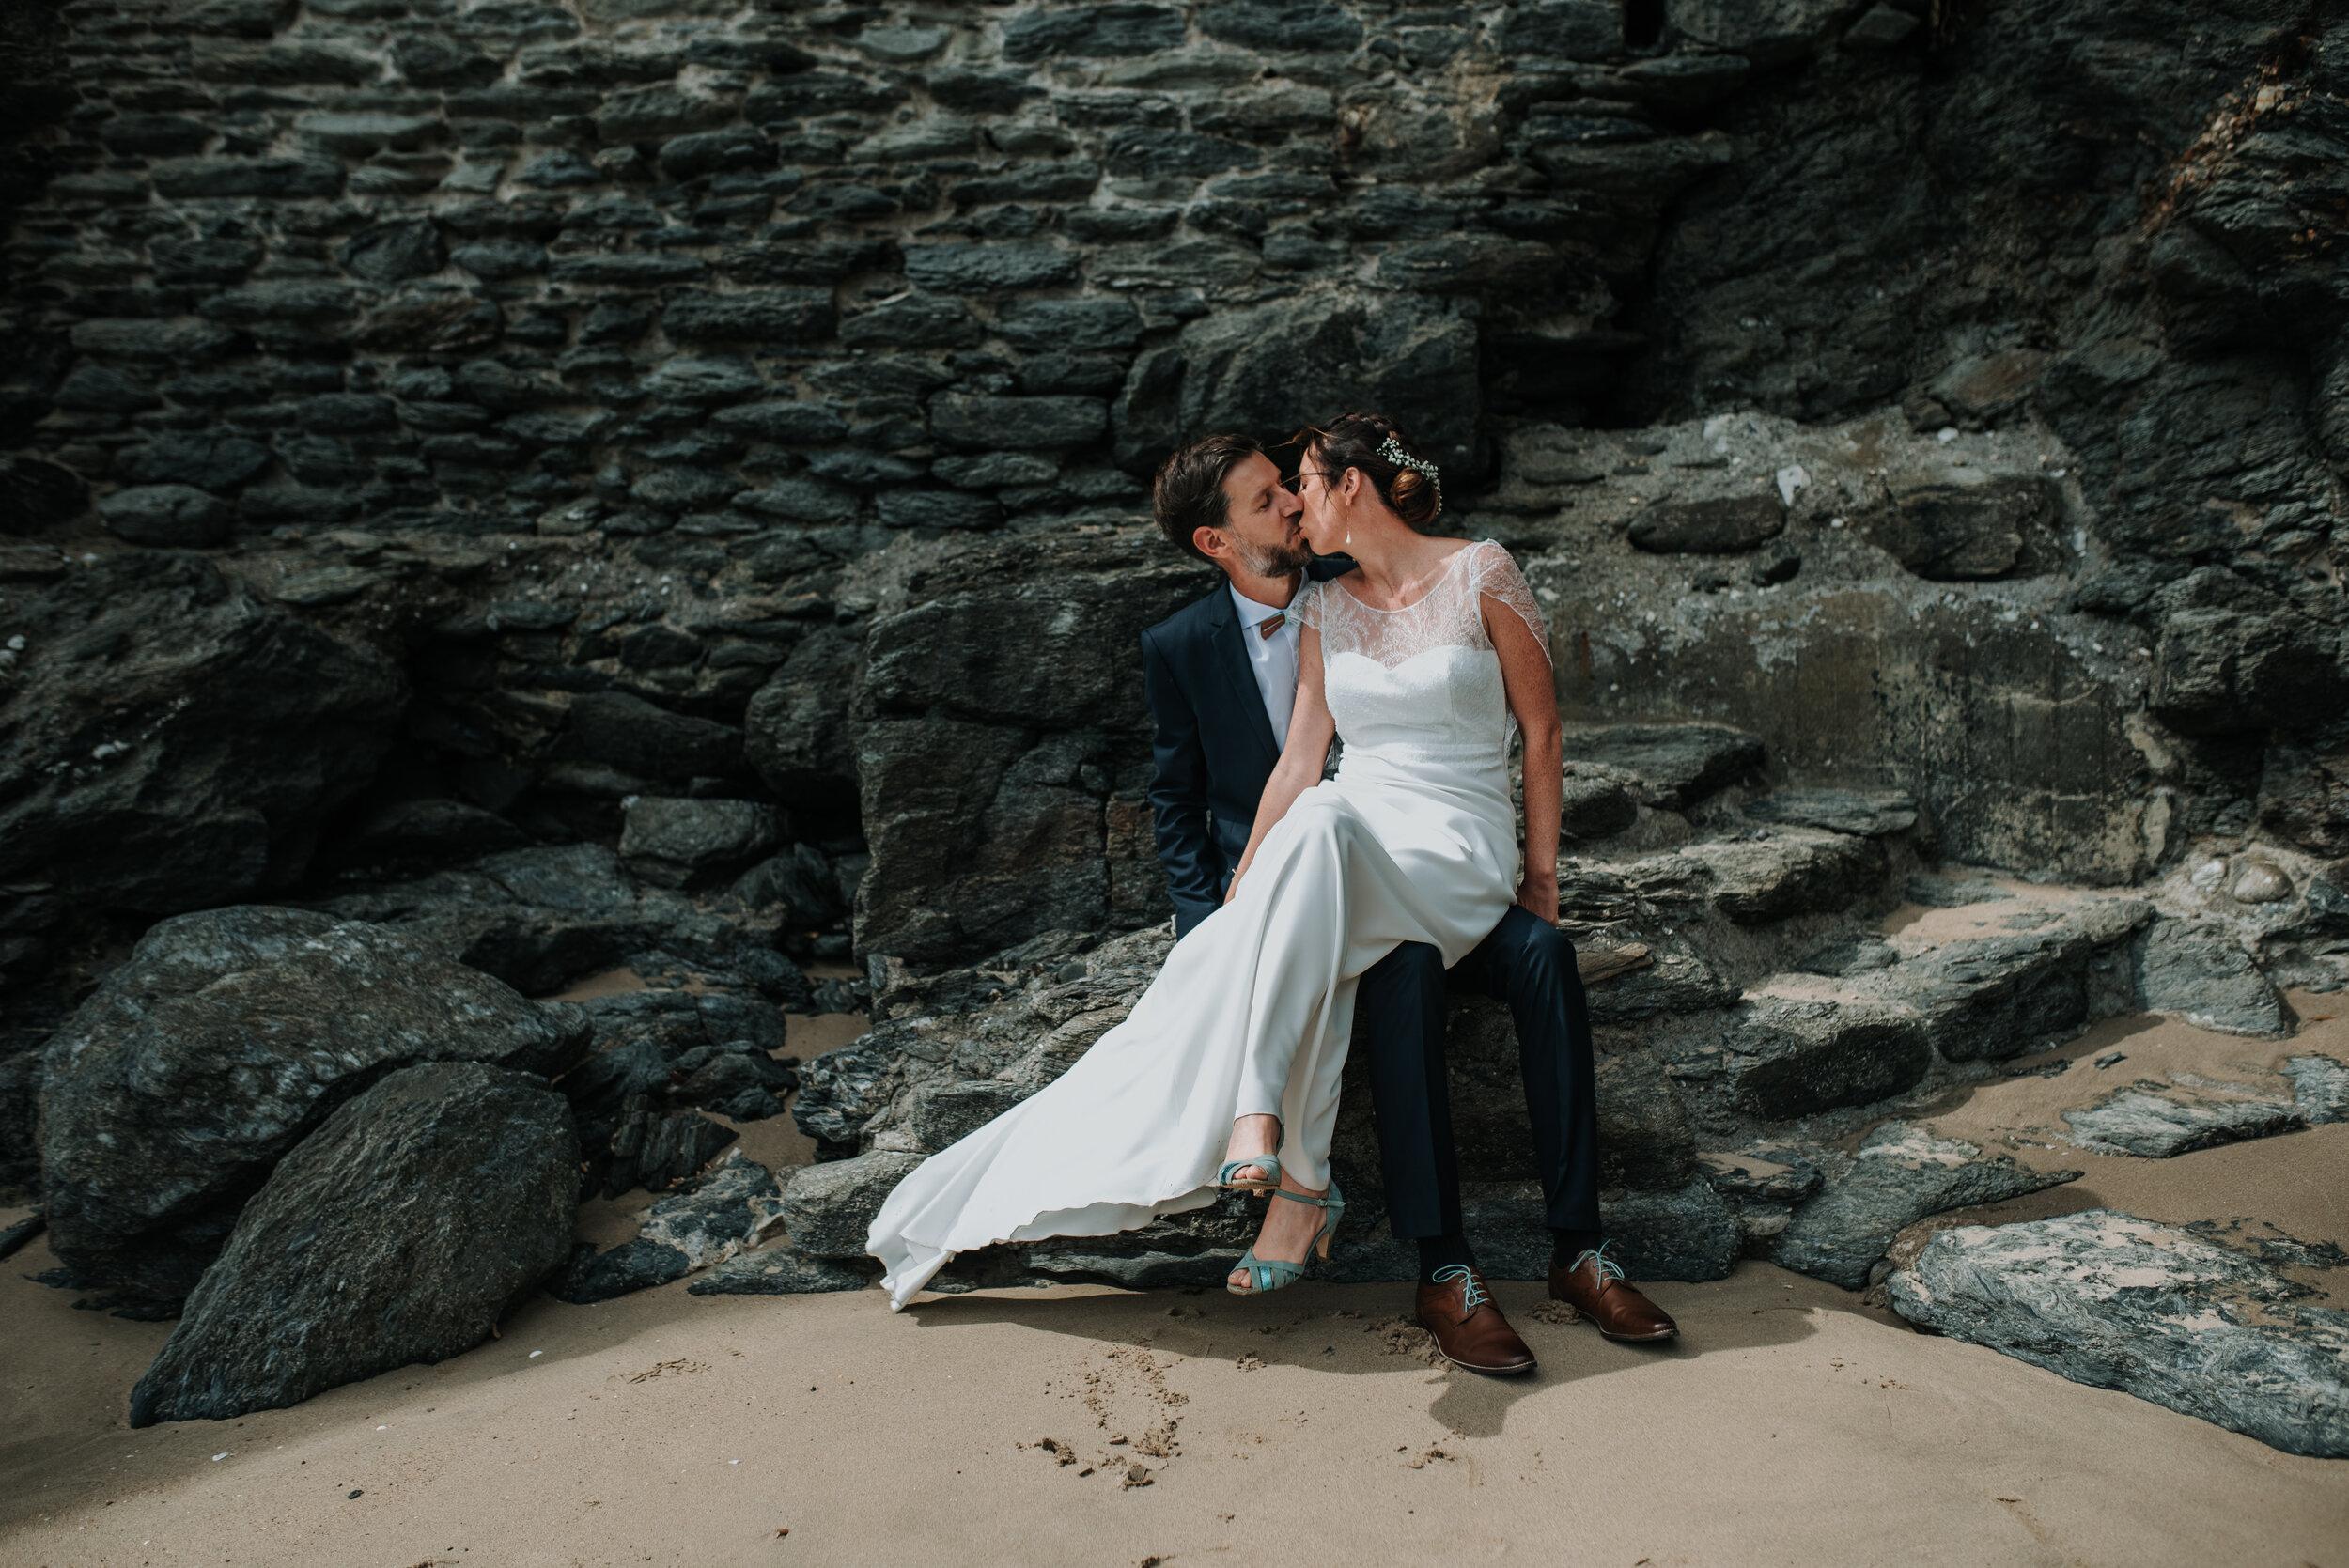 Léa-Fery-photographe-professionnel-Bretagne-portrait-creation-mariage-evenement-evenementiel-famille-6597.jpg